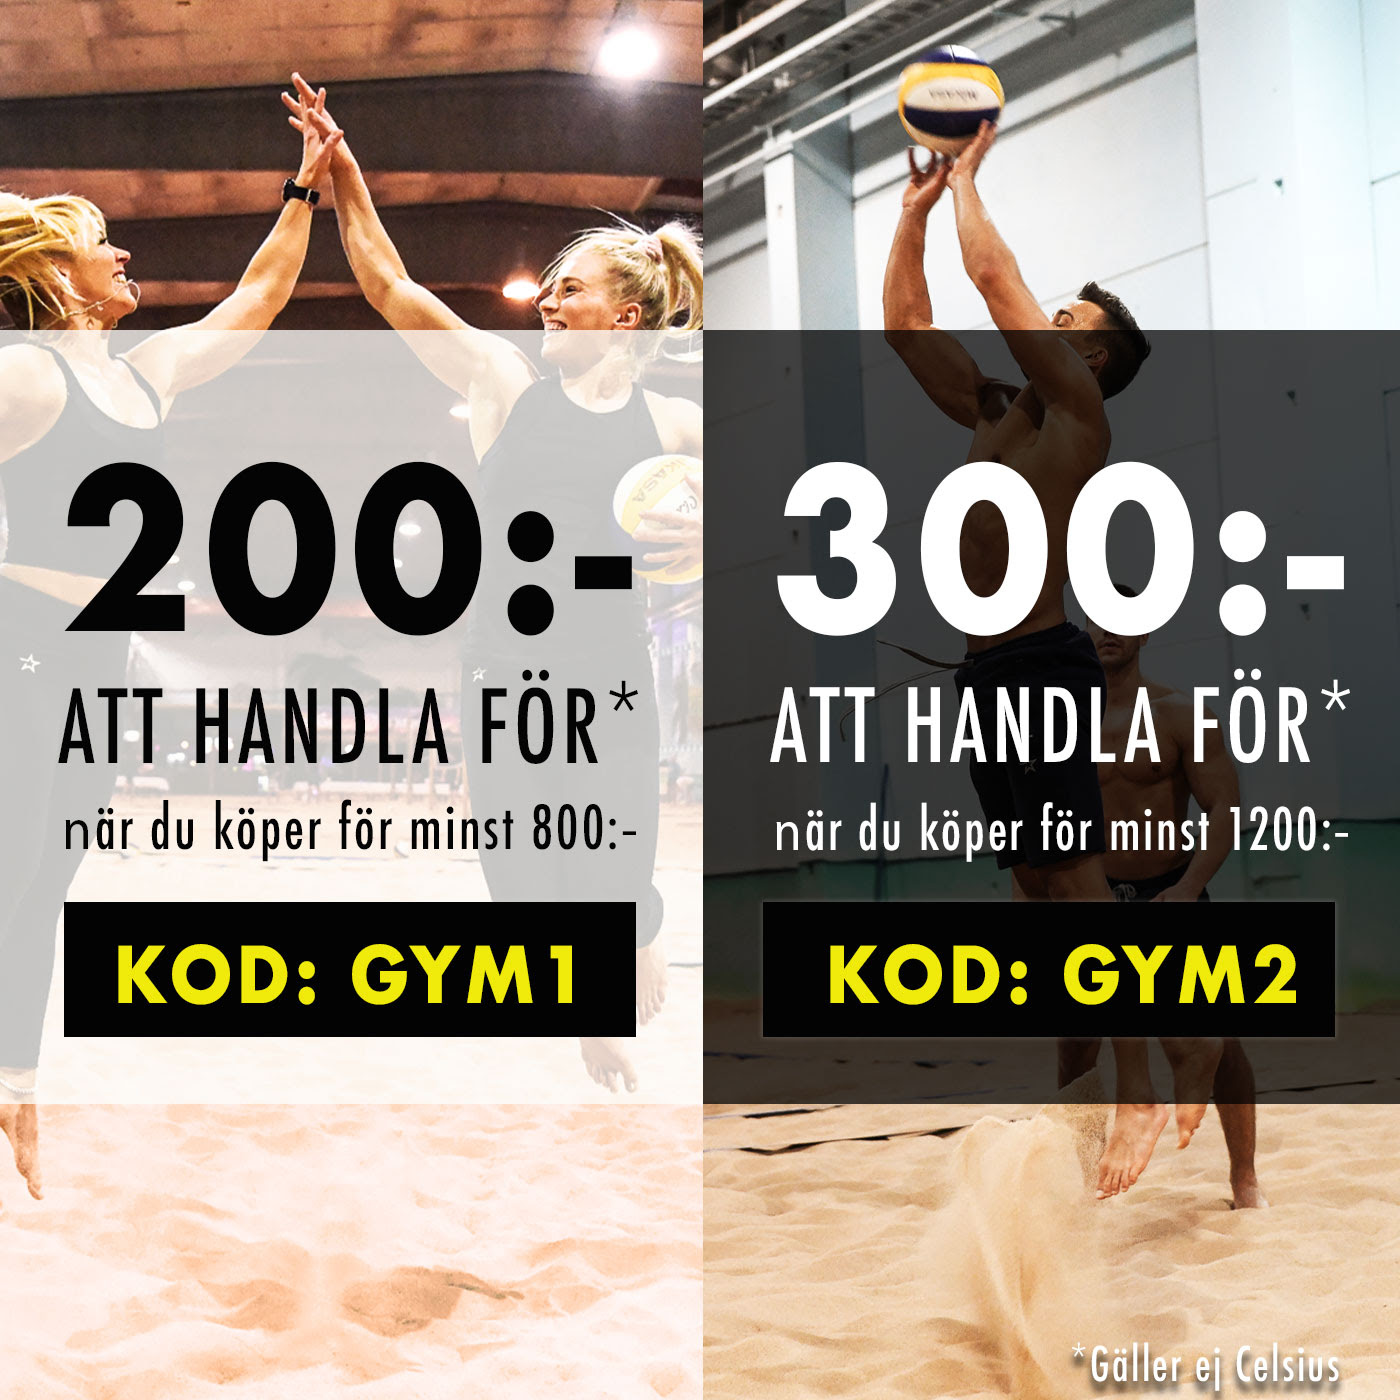 8a5b1587708 Gymgrossisten rabattkoder i maj 2019: 200 kr eller 300 kr att handla för  vid köp - Billigt Kosttillskott - Kampanjer, rabattkoder för whey, gainers,  ...